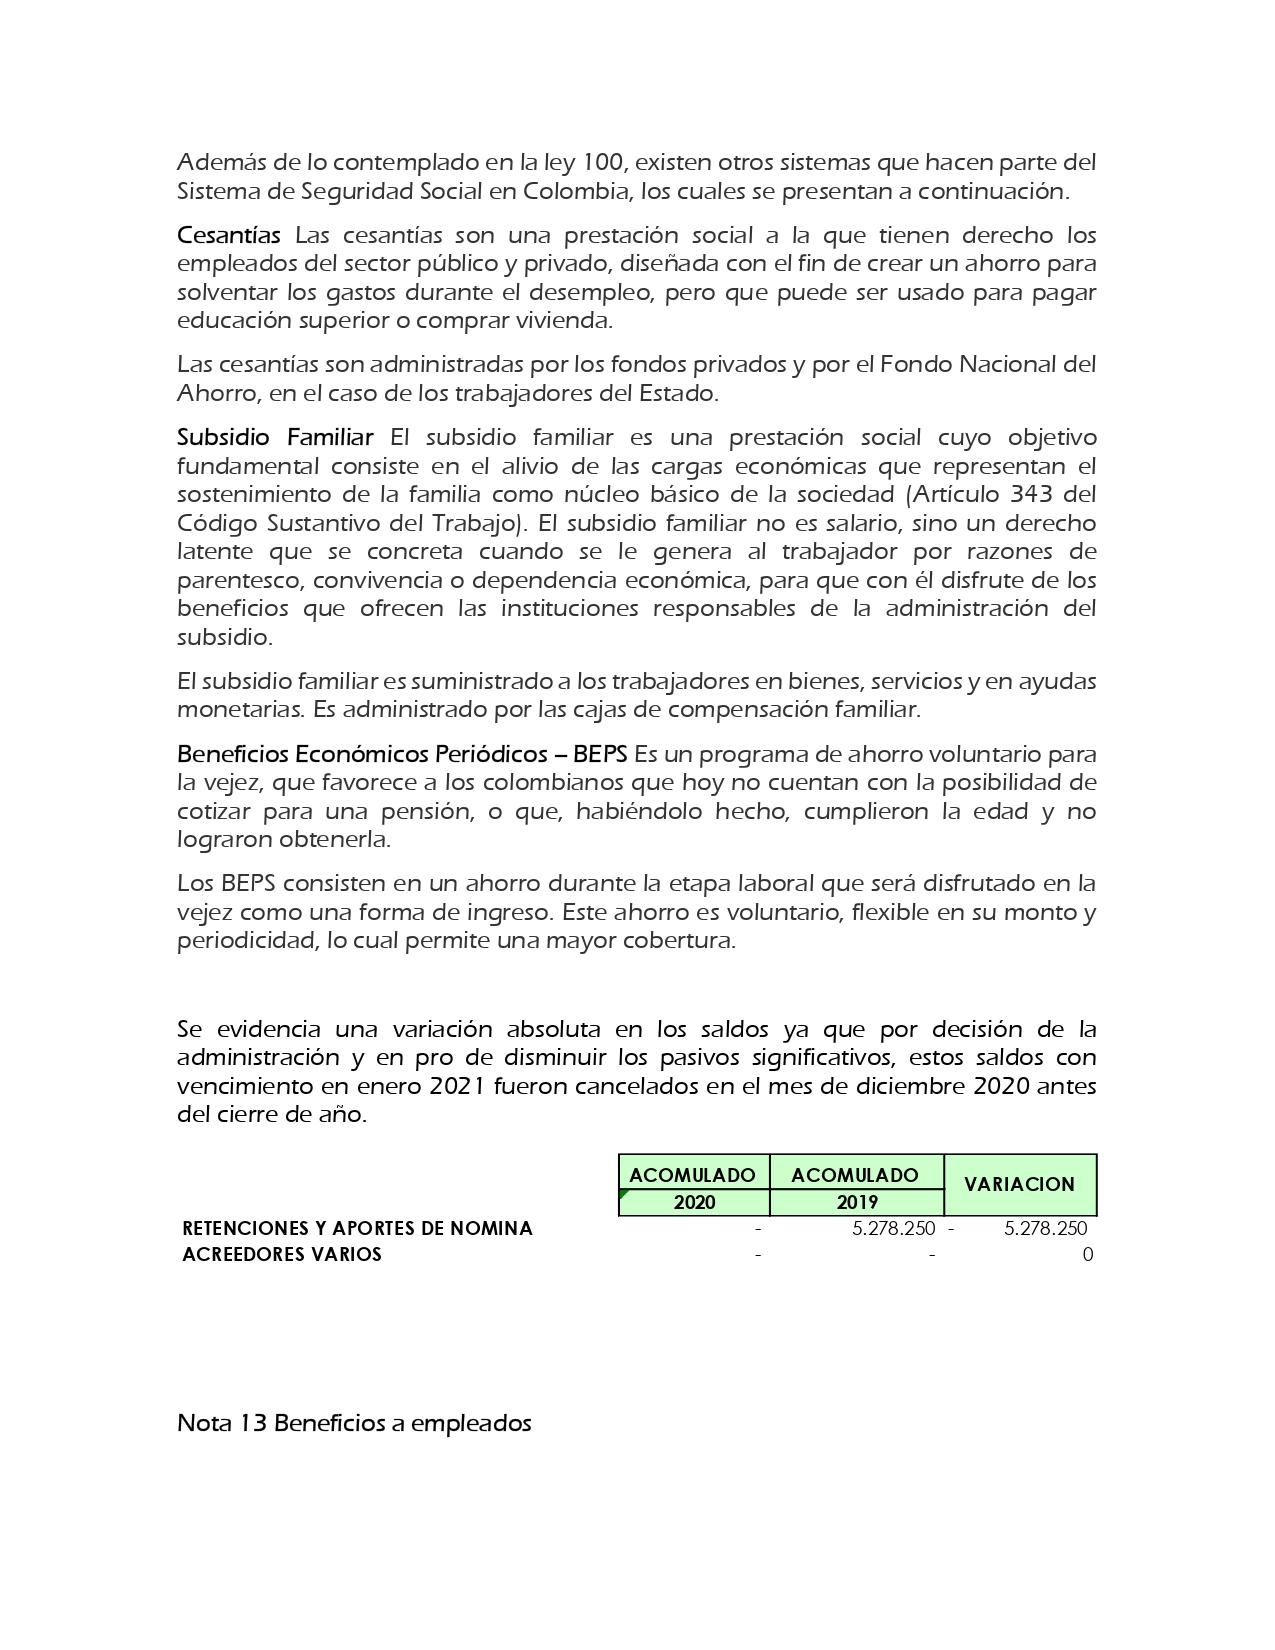 Estados Financieros Fundacion Fundem 2020_page-0026